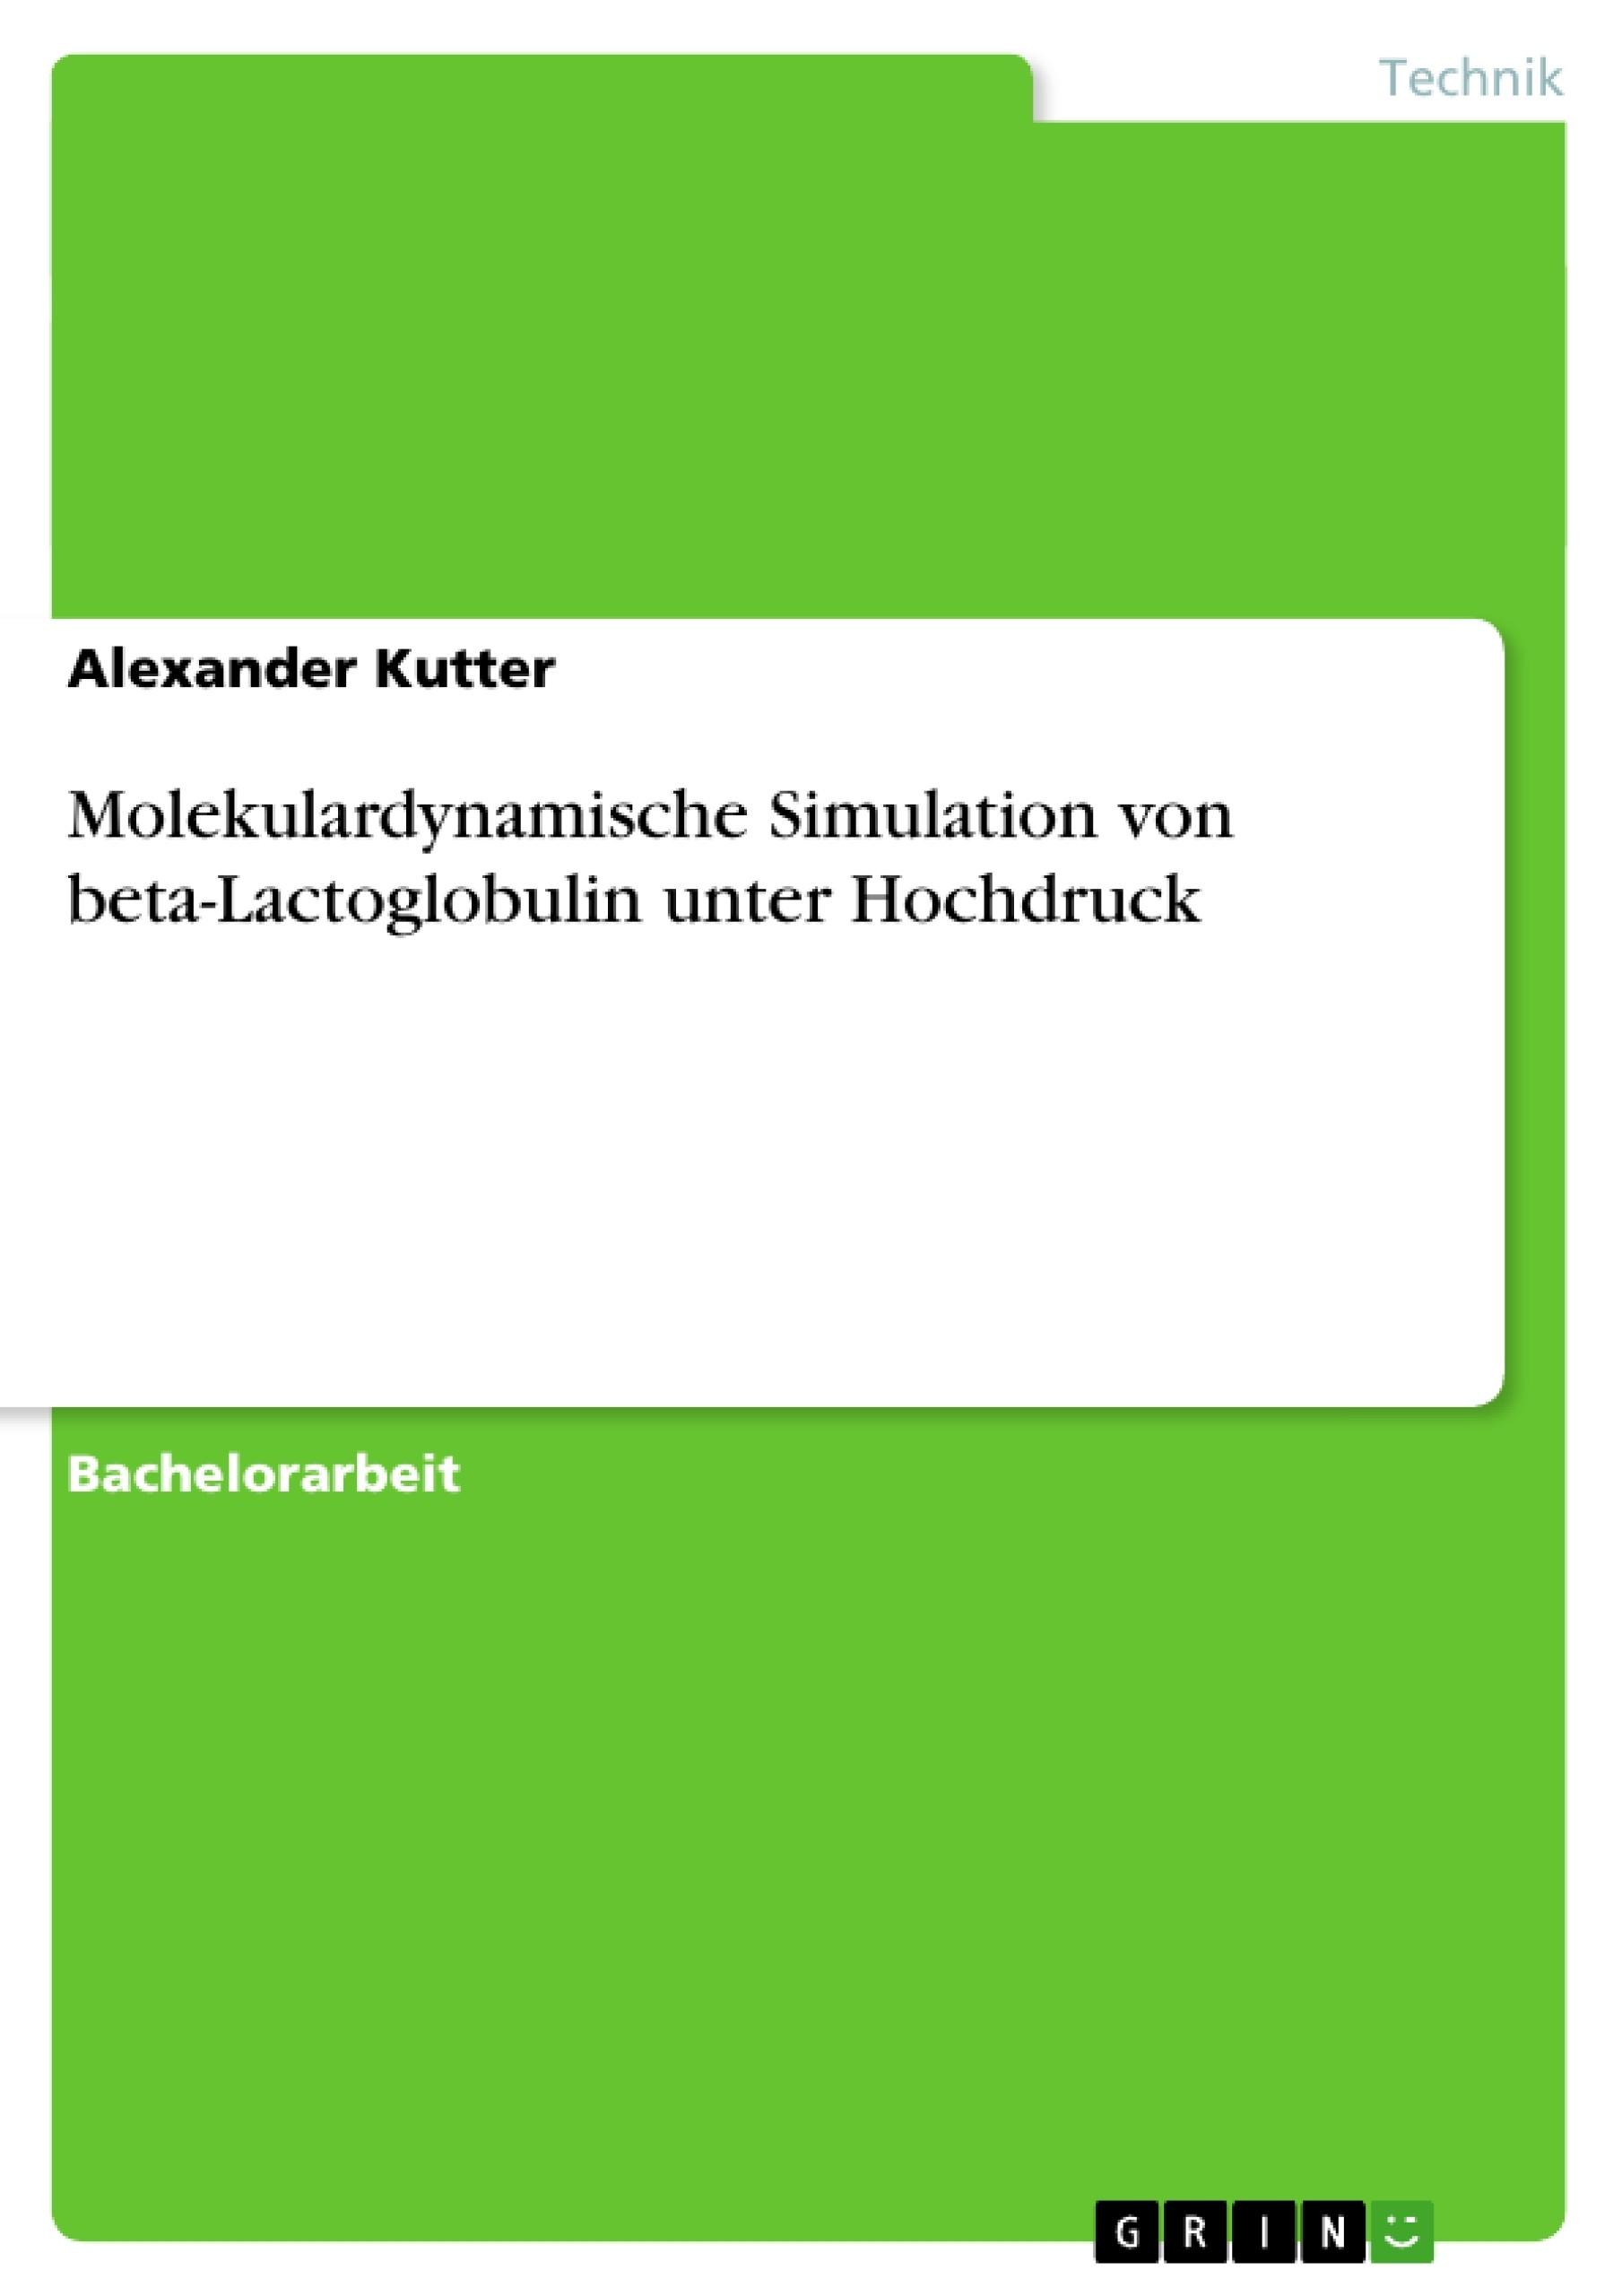 Titel: Molekulardynamische Simulation von beta-Lactoglobulin unter Hochdruck